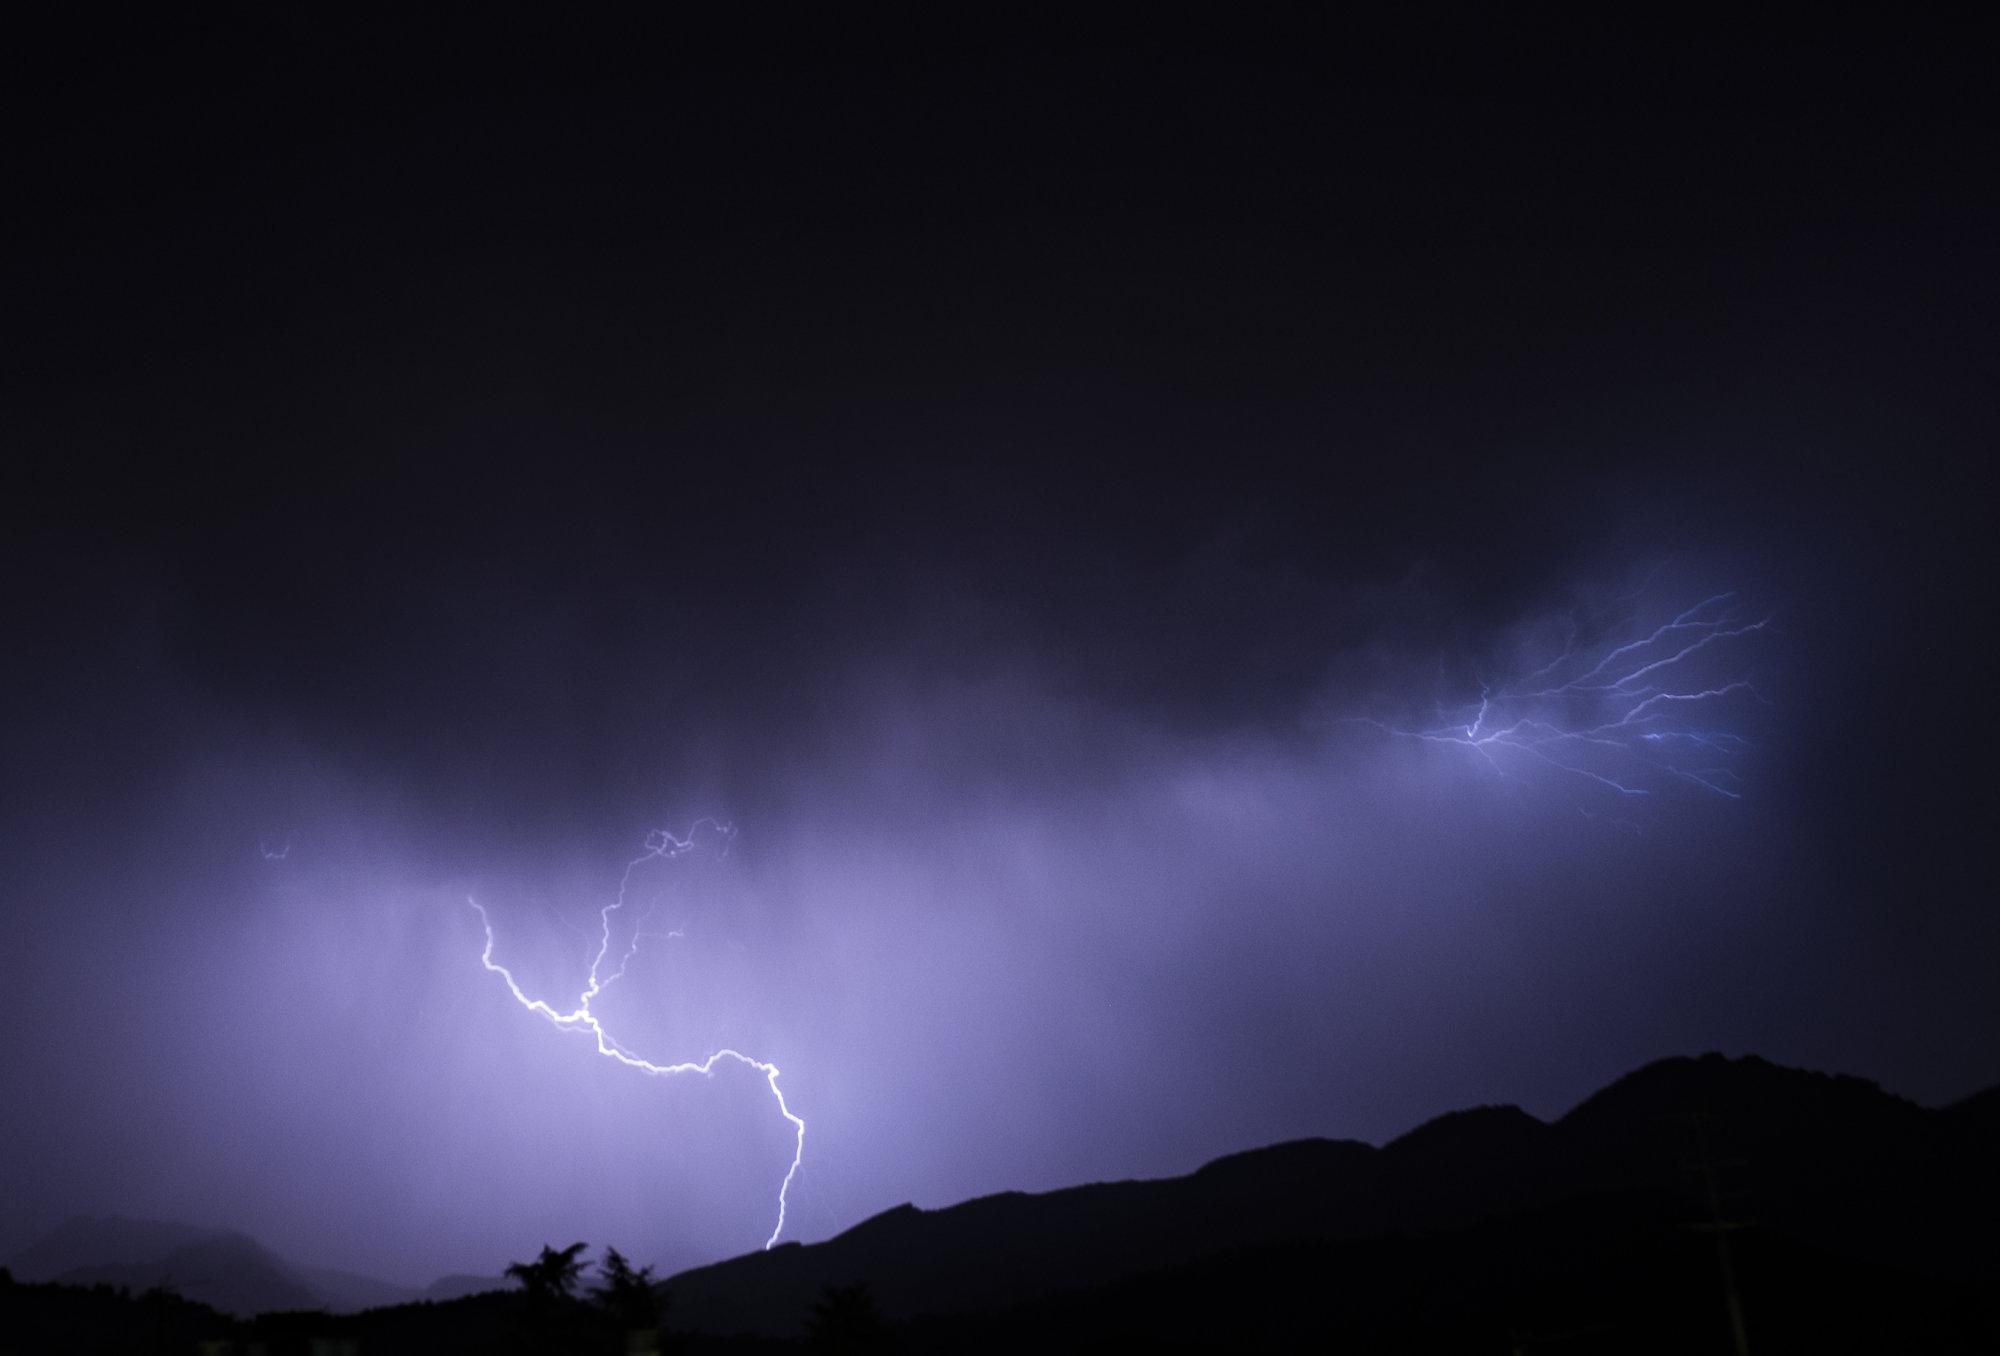 Búrka vprípade Cervanová: ako súdy ignorujú dôležité svedectvá o počasí(+ dokumenty) – Denník N